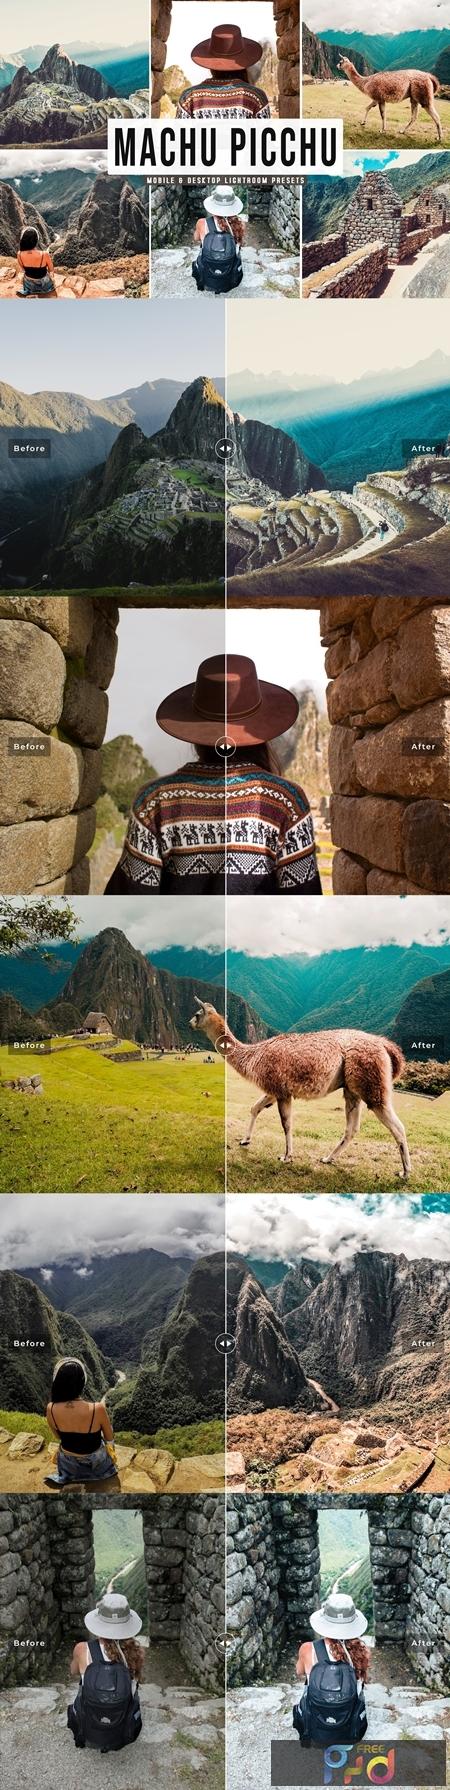 Machu Picchu Mobile & Desktop Lightroom Presets 4655824 1